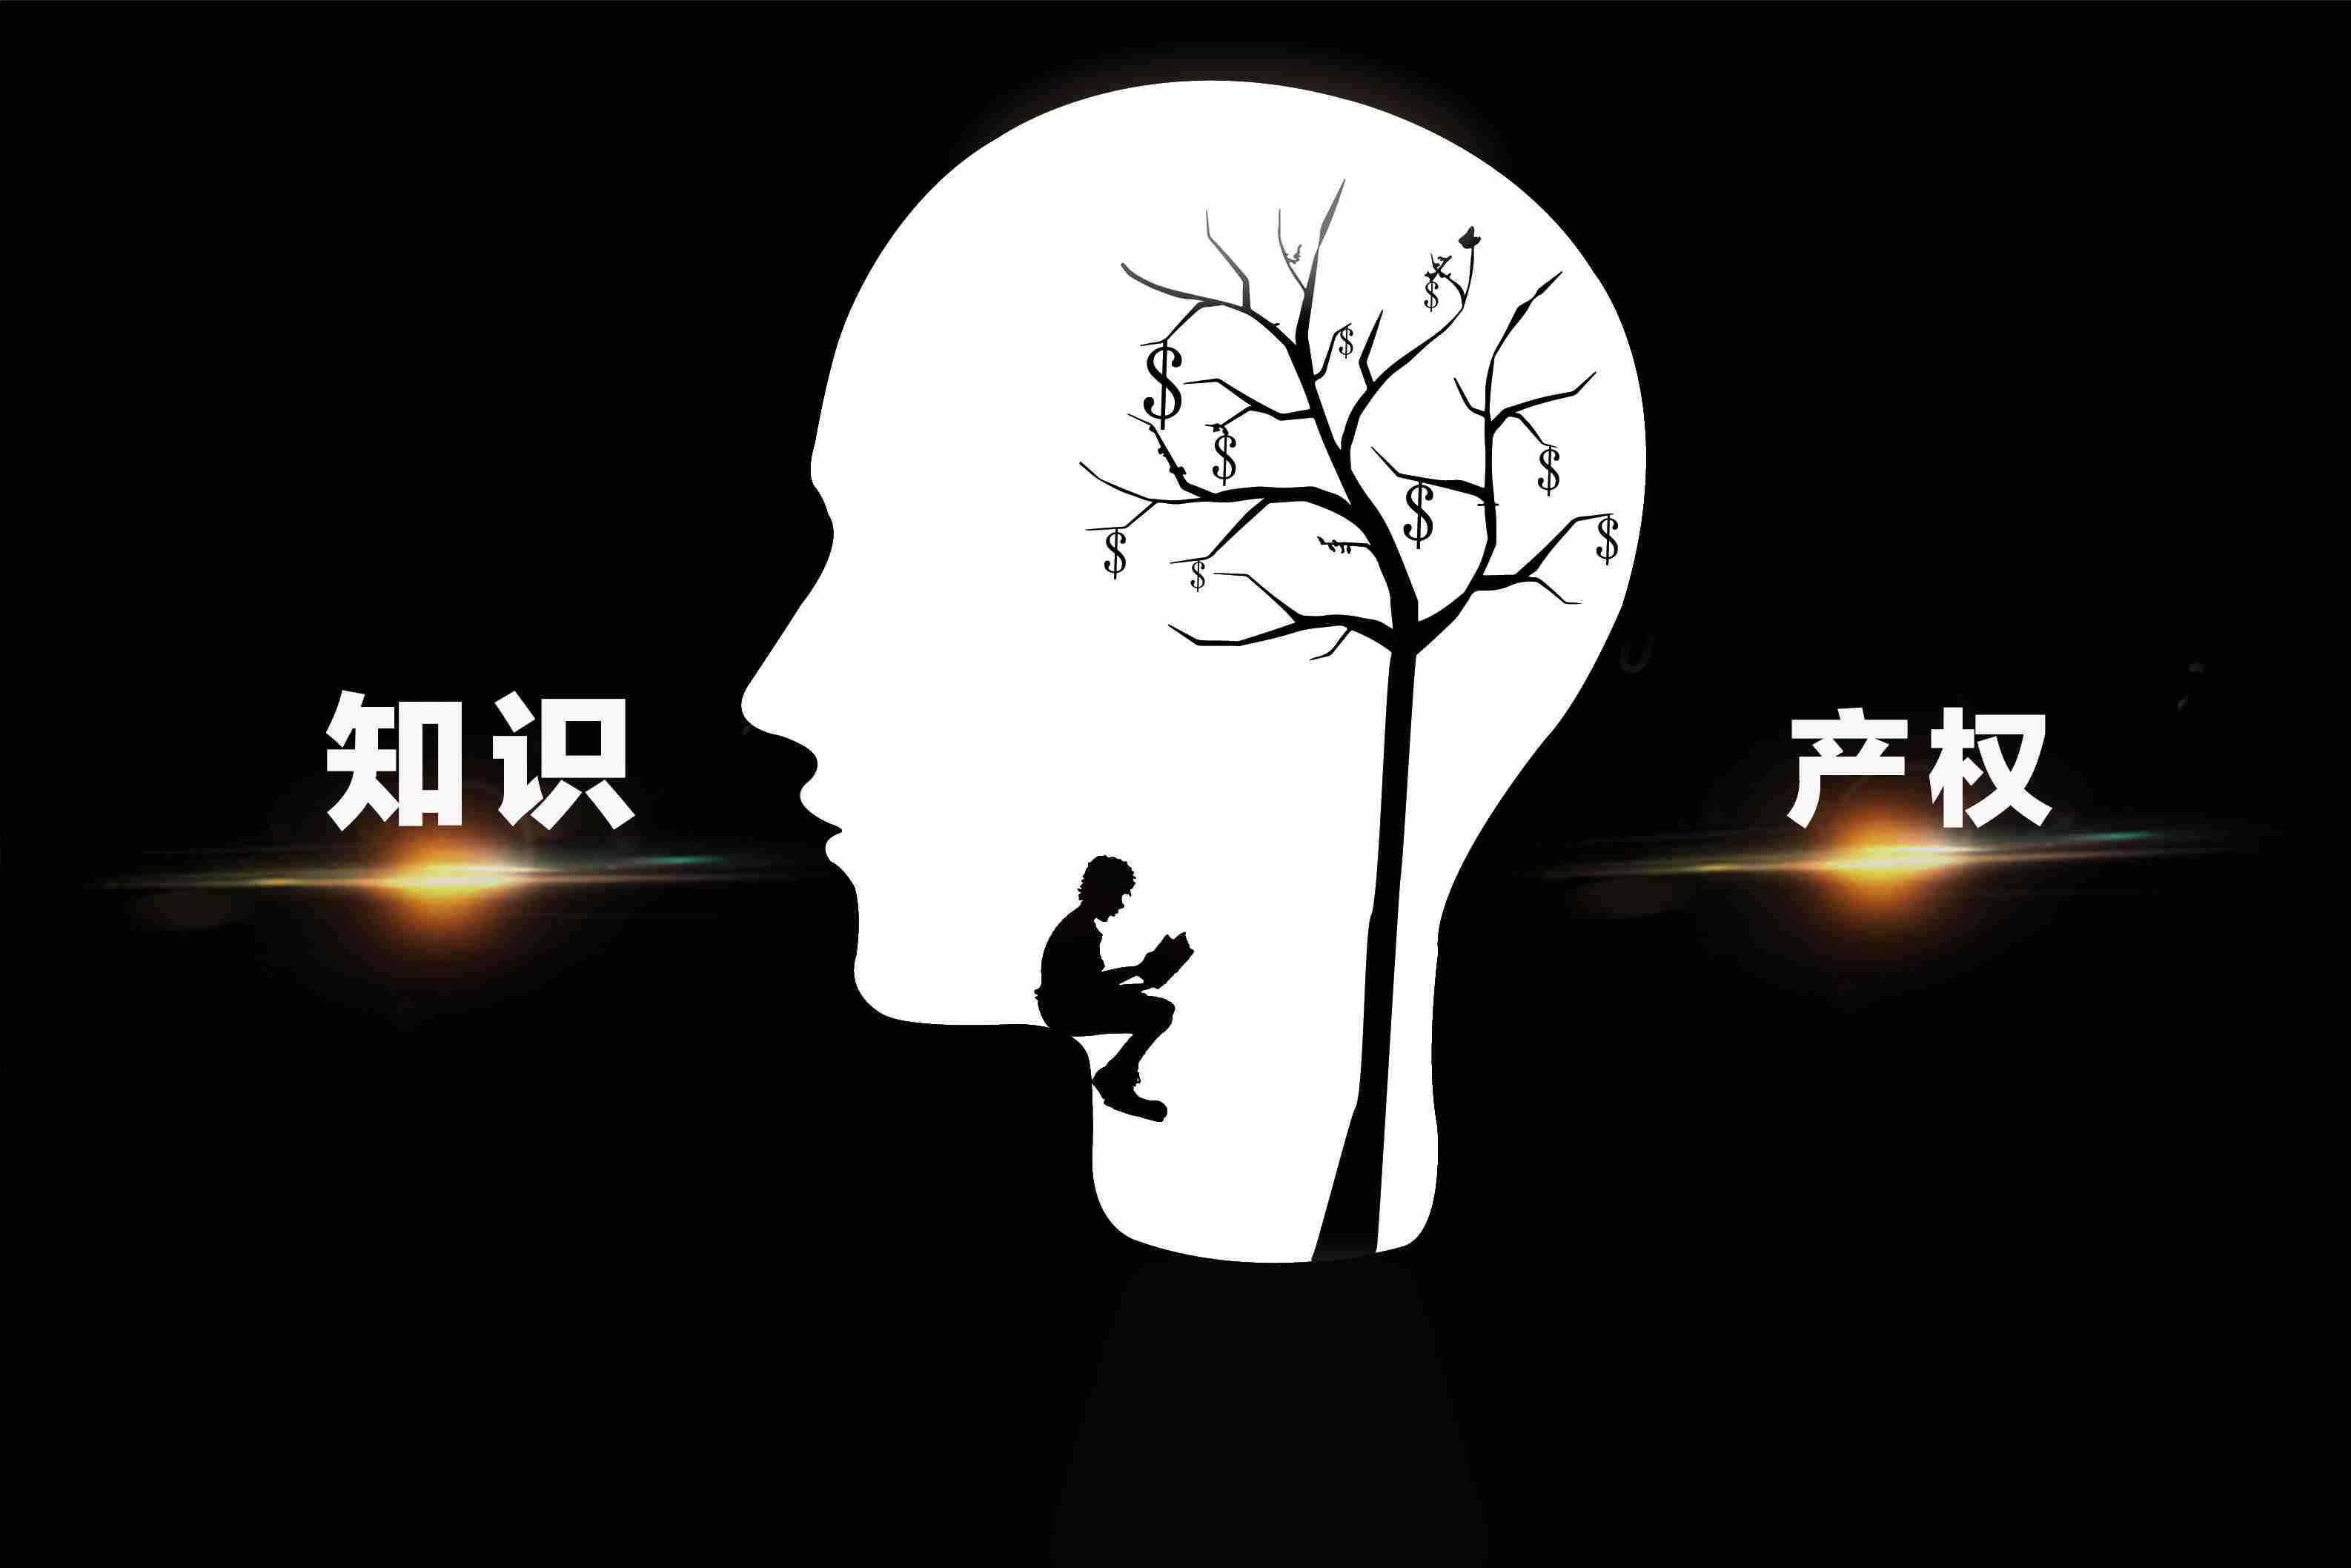 李克强总理对中国加强知识产权保护发言